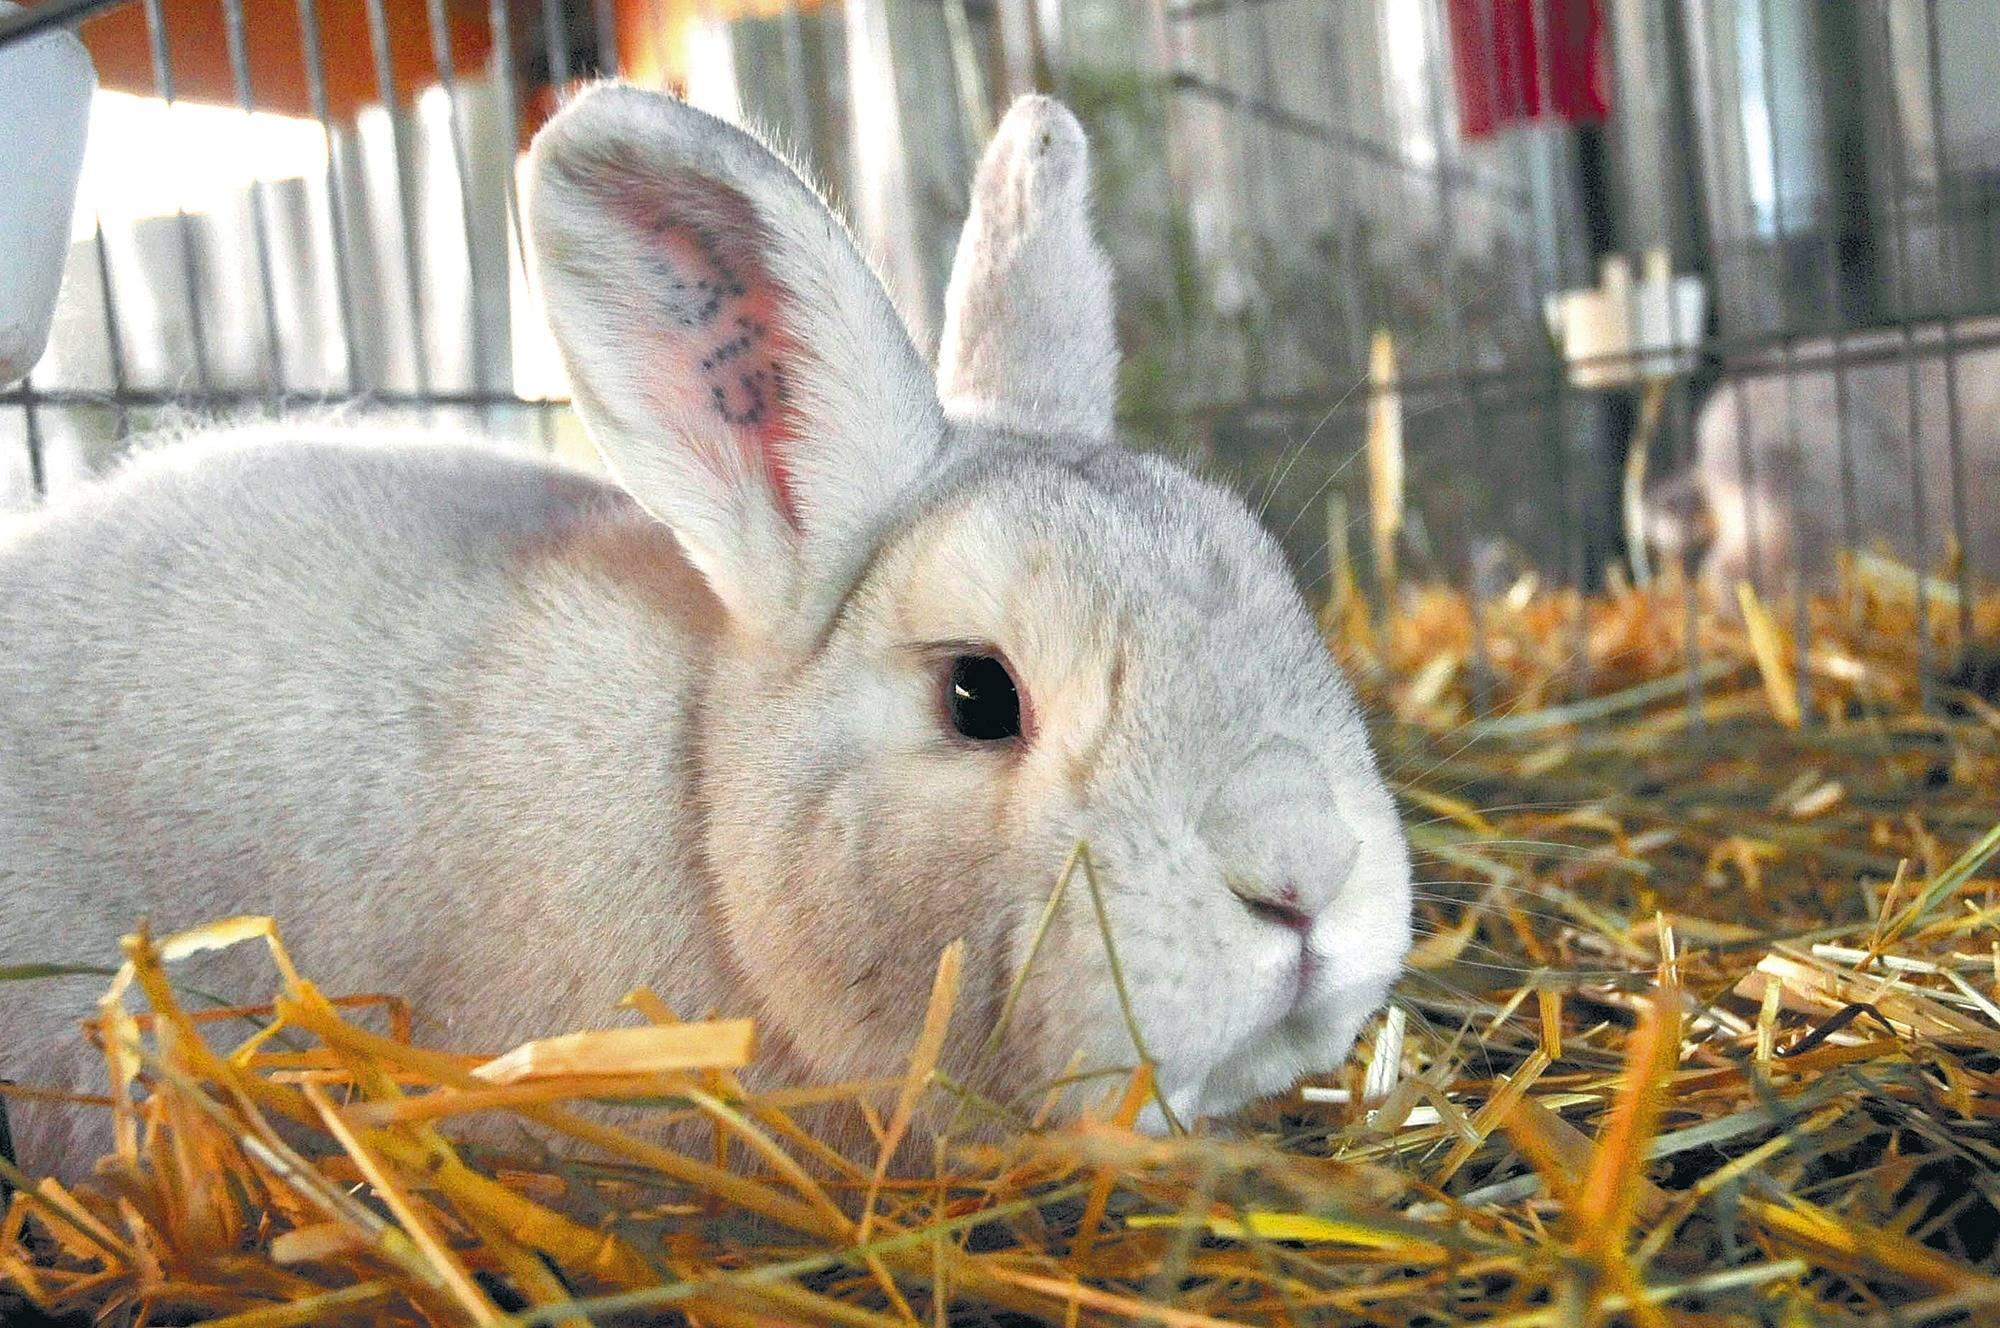 mittel gegen kaninchen so werden sie wildkaninchen los egarden tierplanet aus liebe zum tier. Black Bedroom Furniture Sets. Home Design Ideas